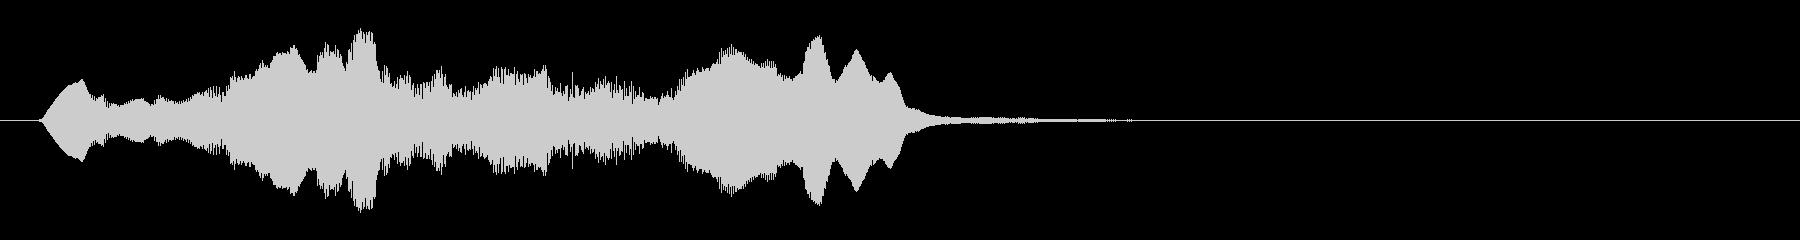 のほほんジングル008_おっとり+3の未再生の波形